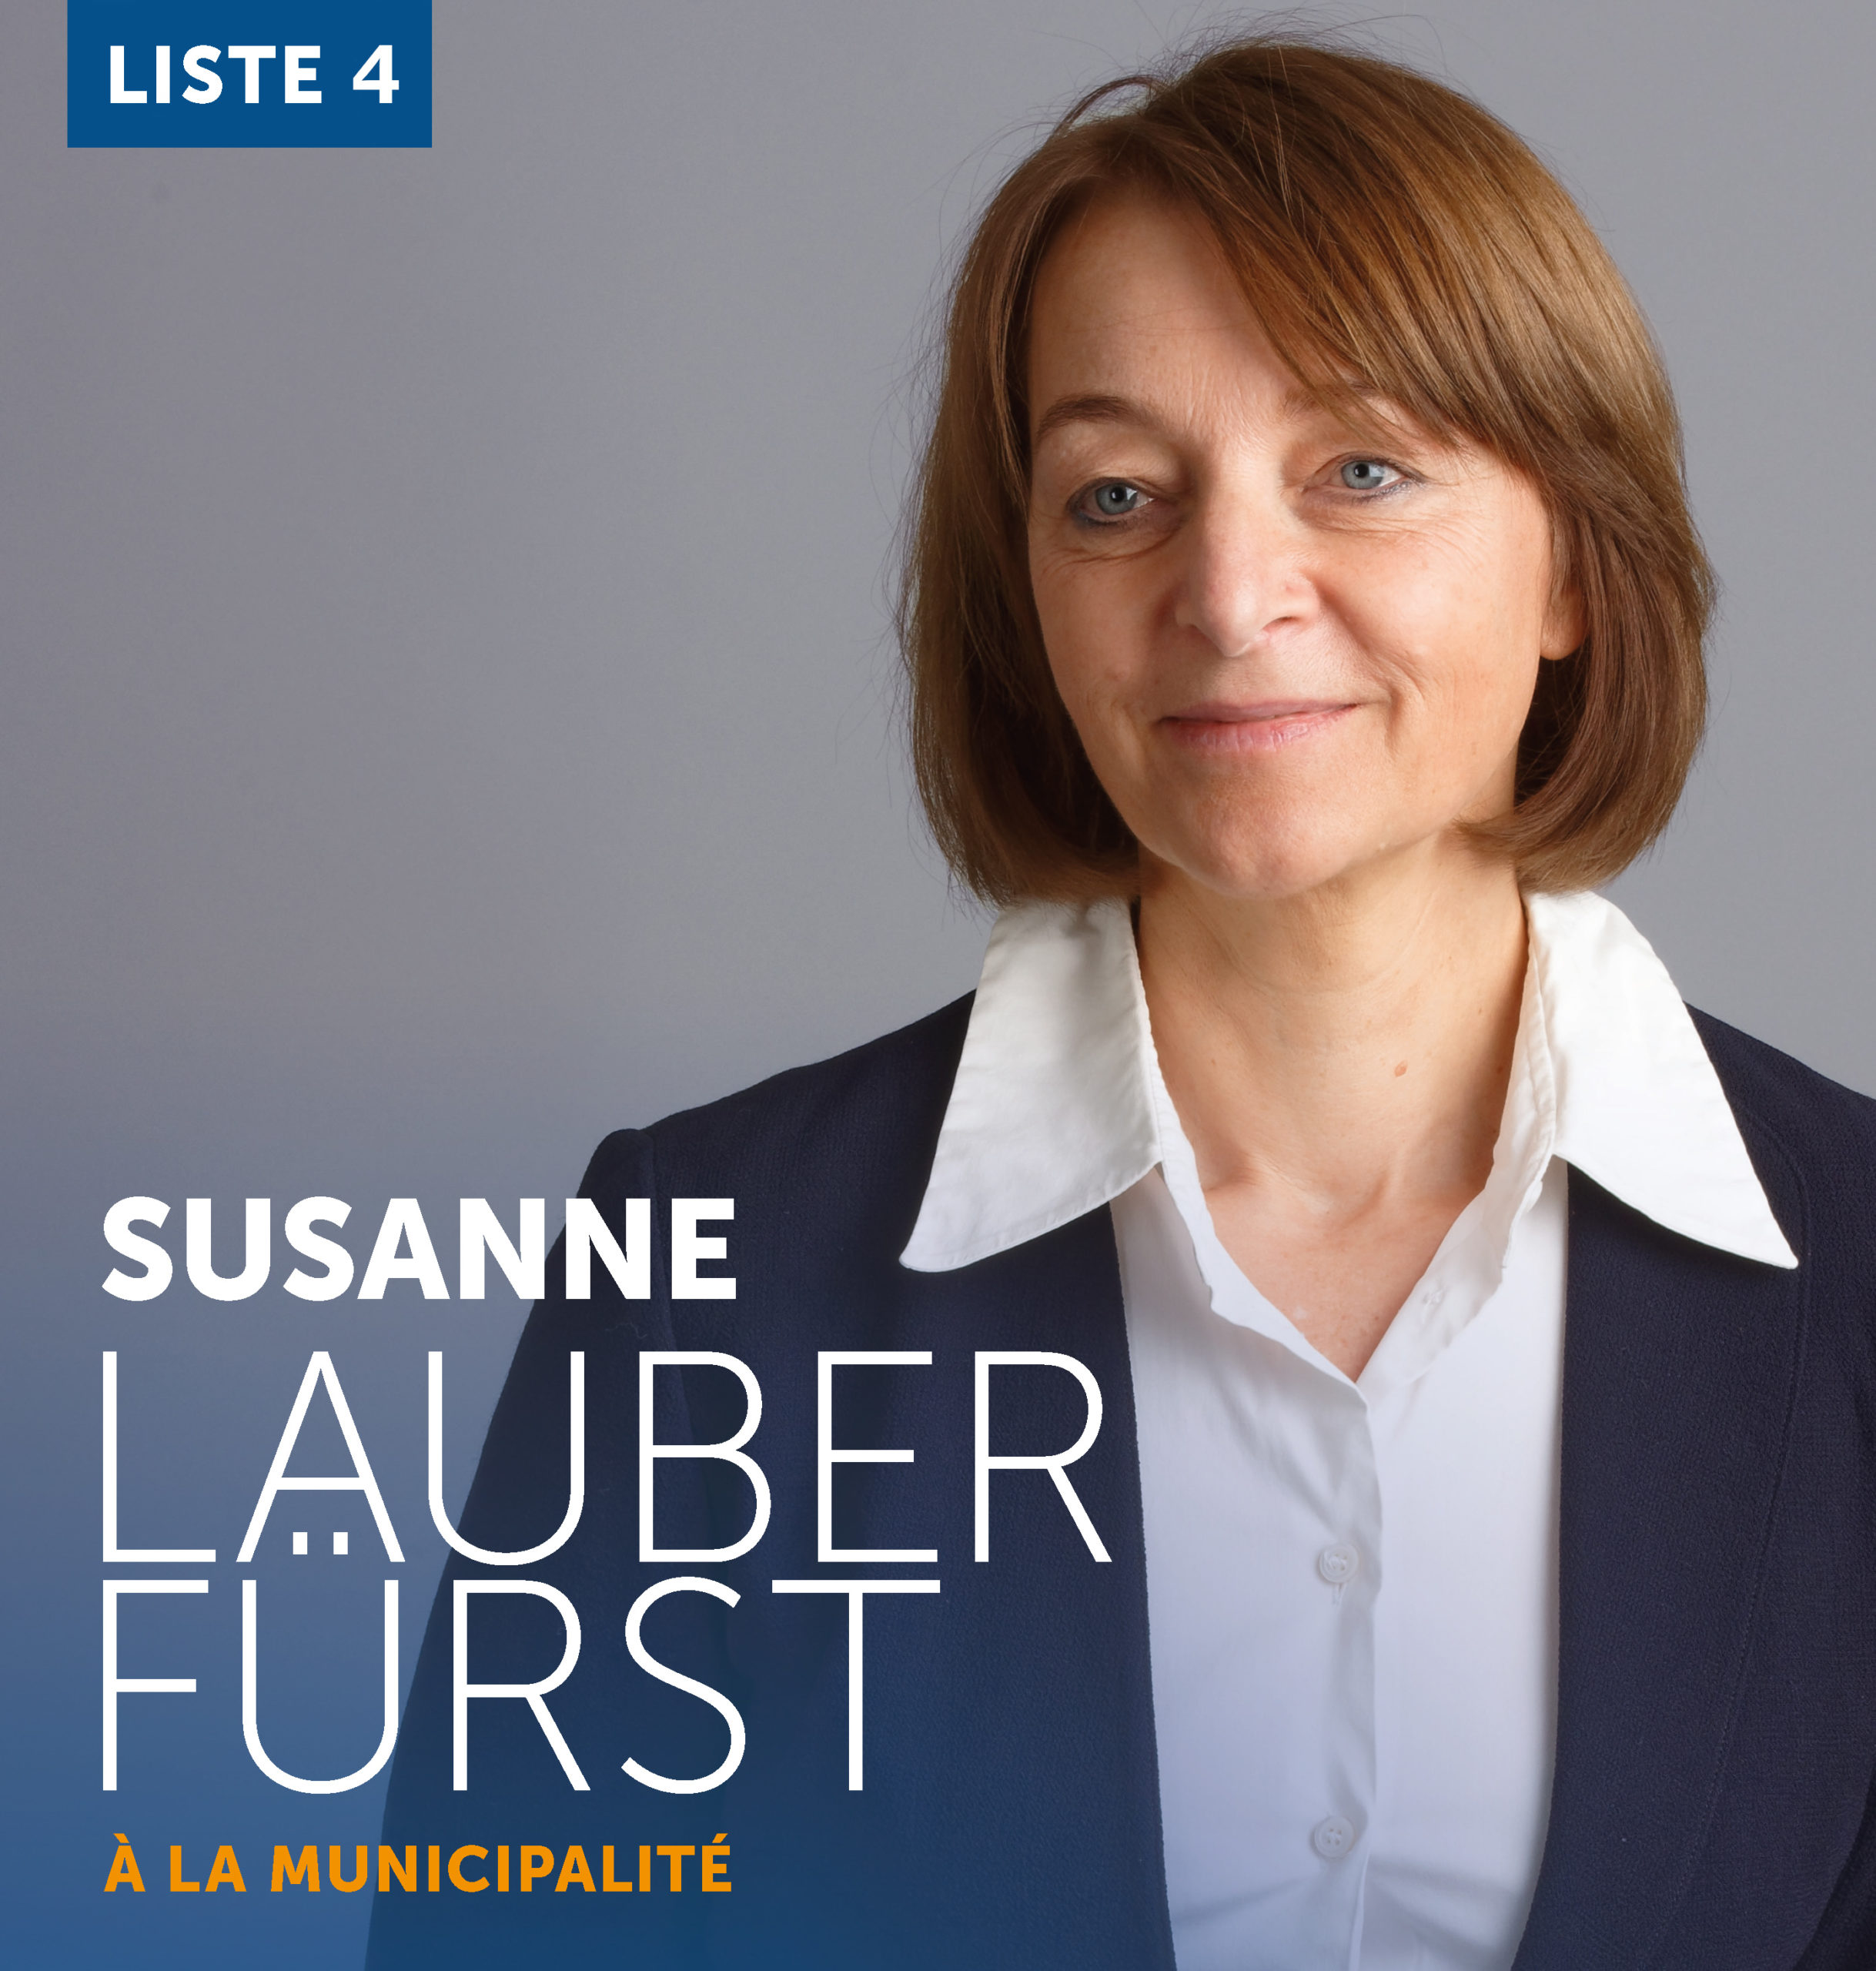 Susanne Lauber Fuerst - candidate à la municipalité